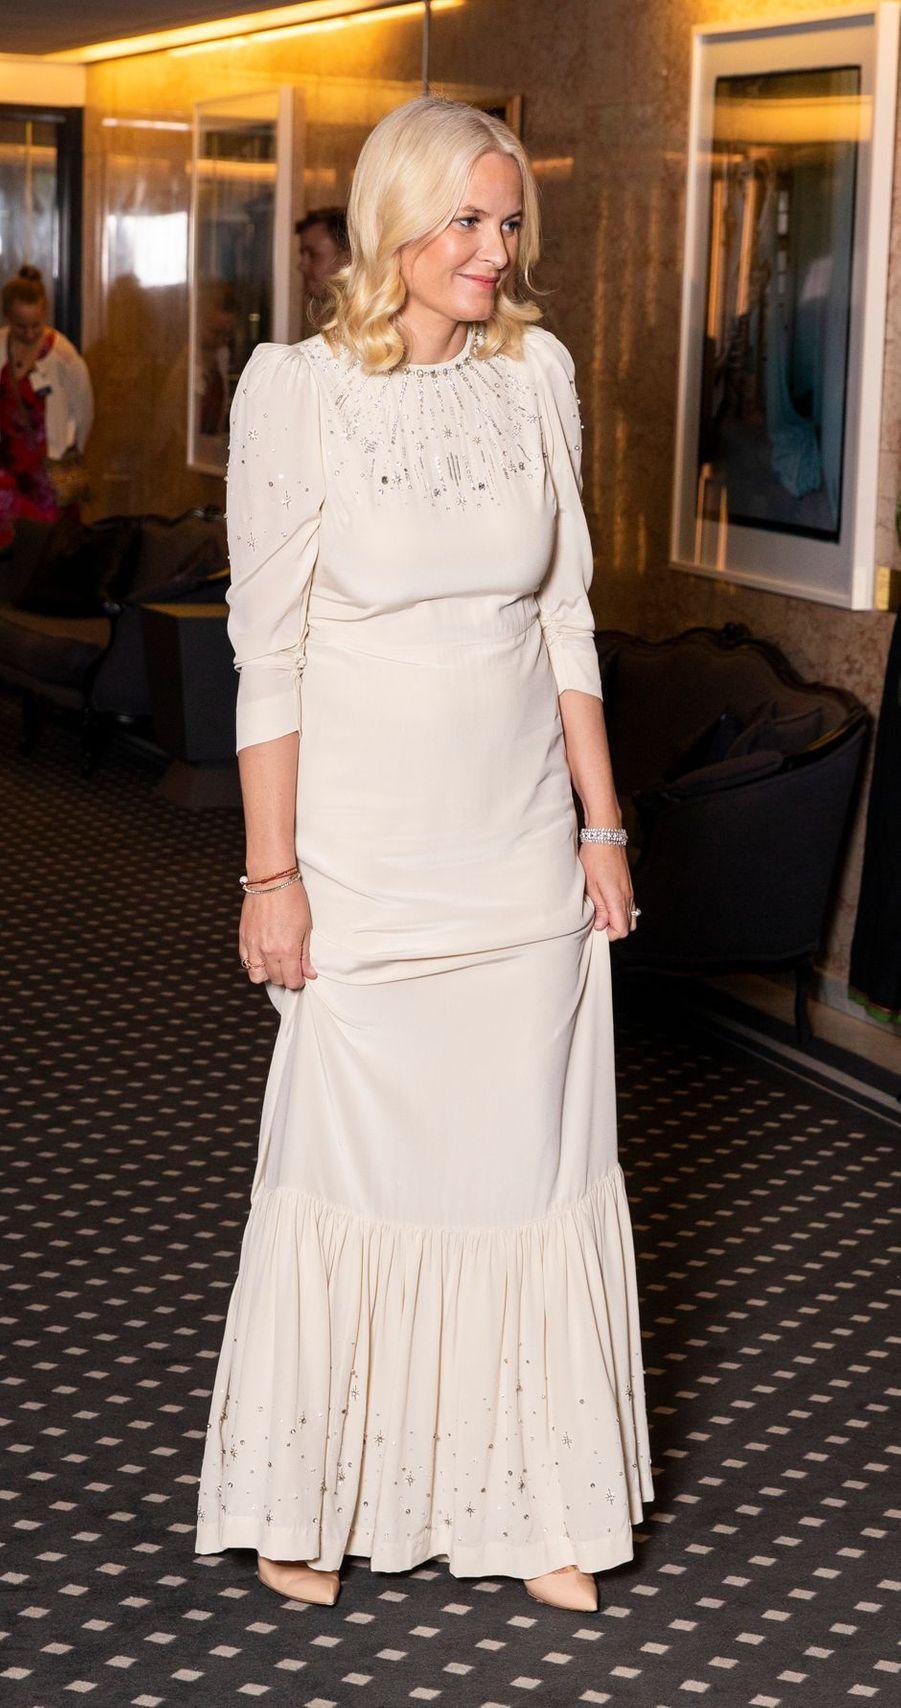 La princesse Mette-Marit de Norvège dans une robe Pia Tjelta, à Oslo le 10 décembre 2019